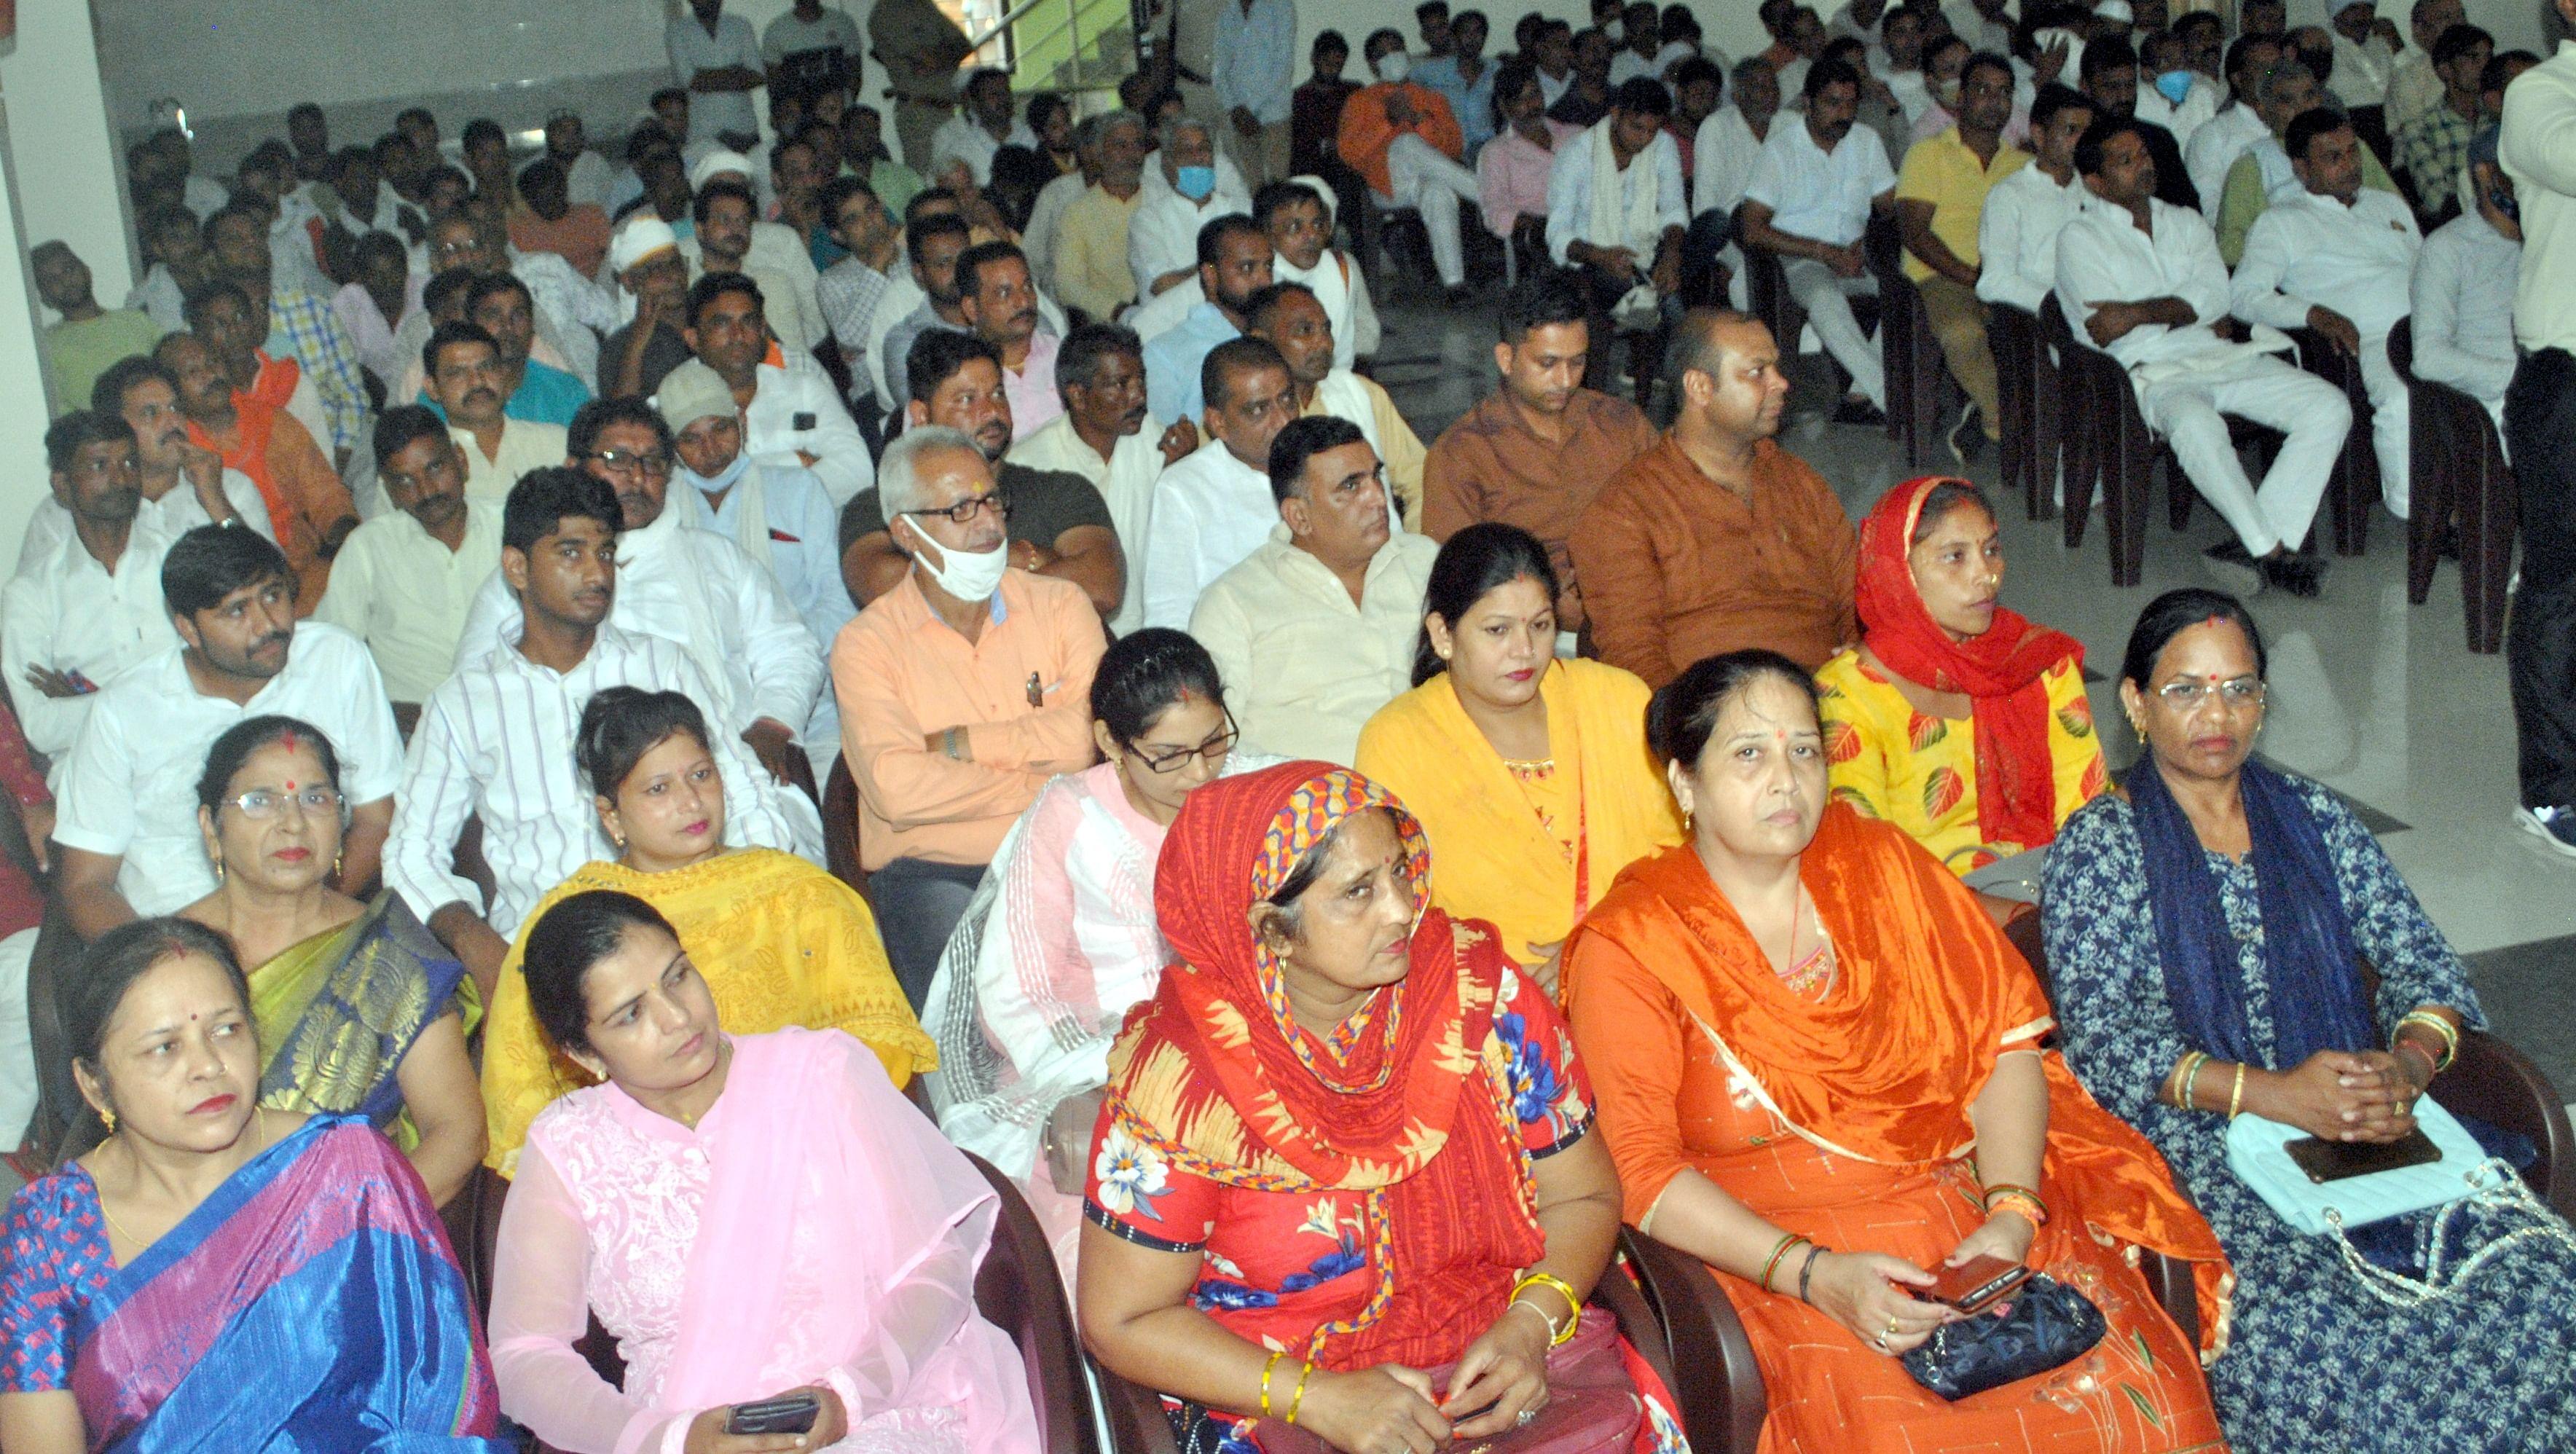 शामली में भाजपा कार्यालय पर आयोजित प्रबुद्ध सम्मेलन में भाग लेते भाजपा कार्यकर्ता।